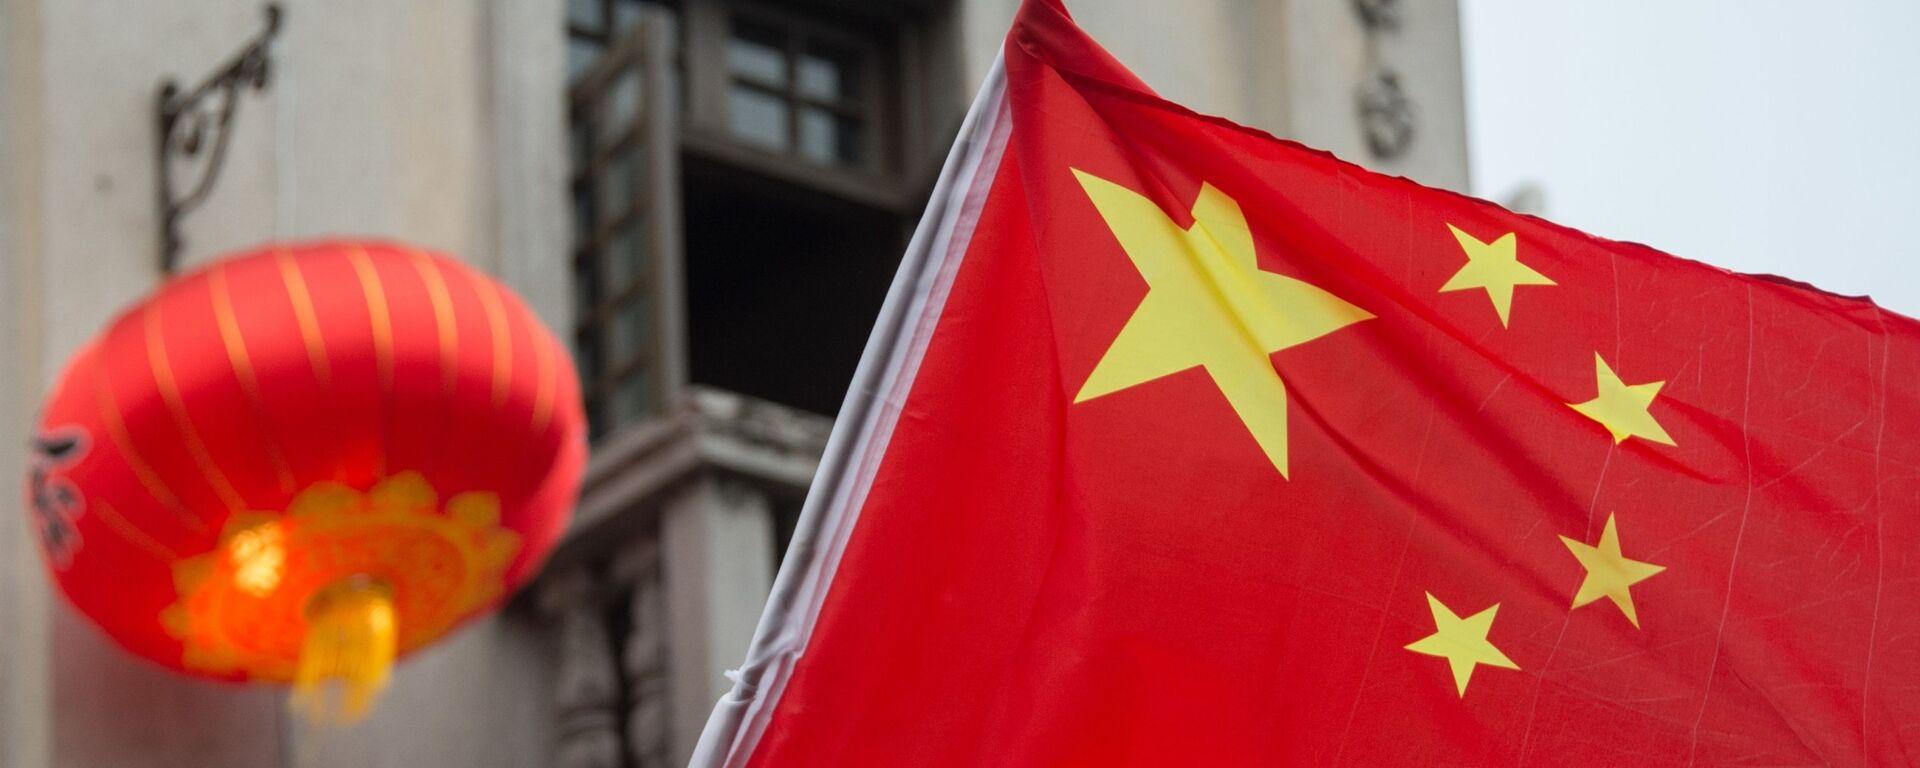 Страны мира. Китай  - Sputnik Ўзбекистон, 1920, 29.06.2020